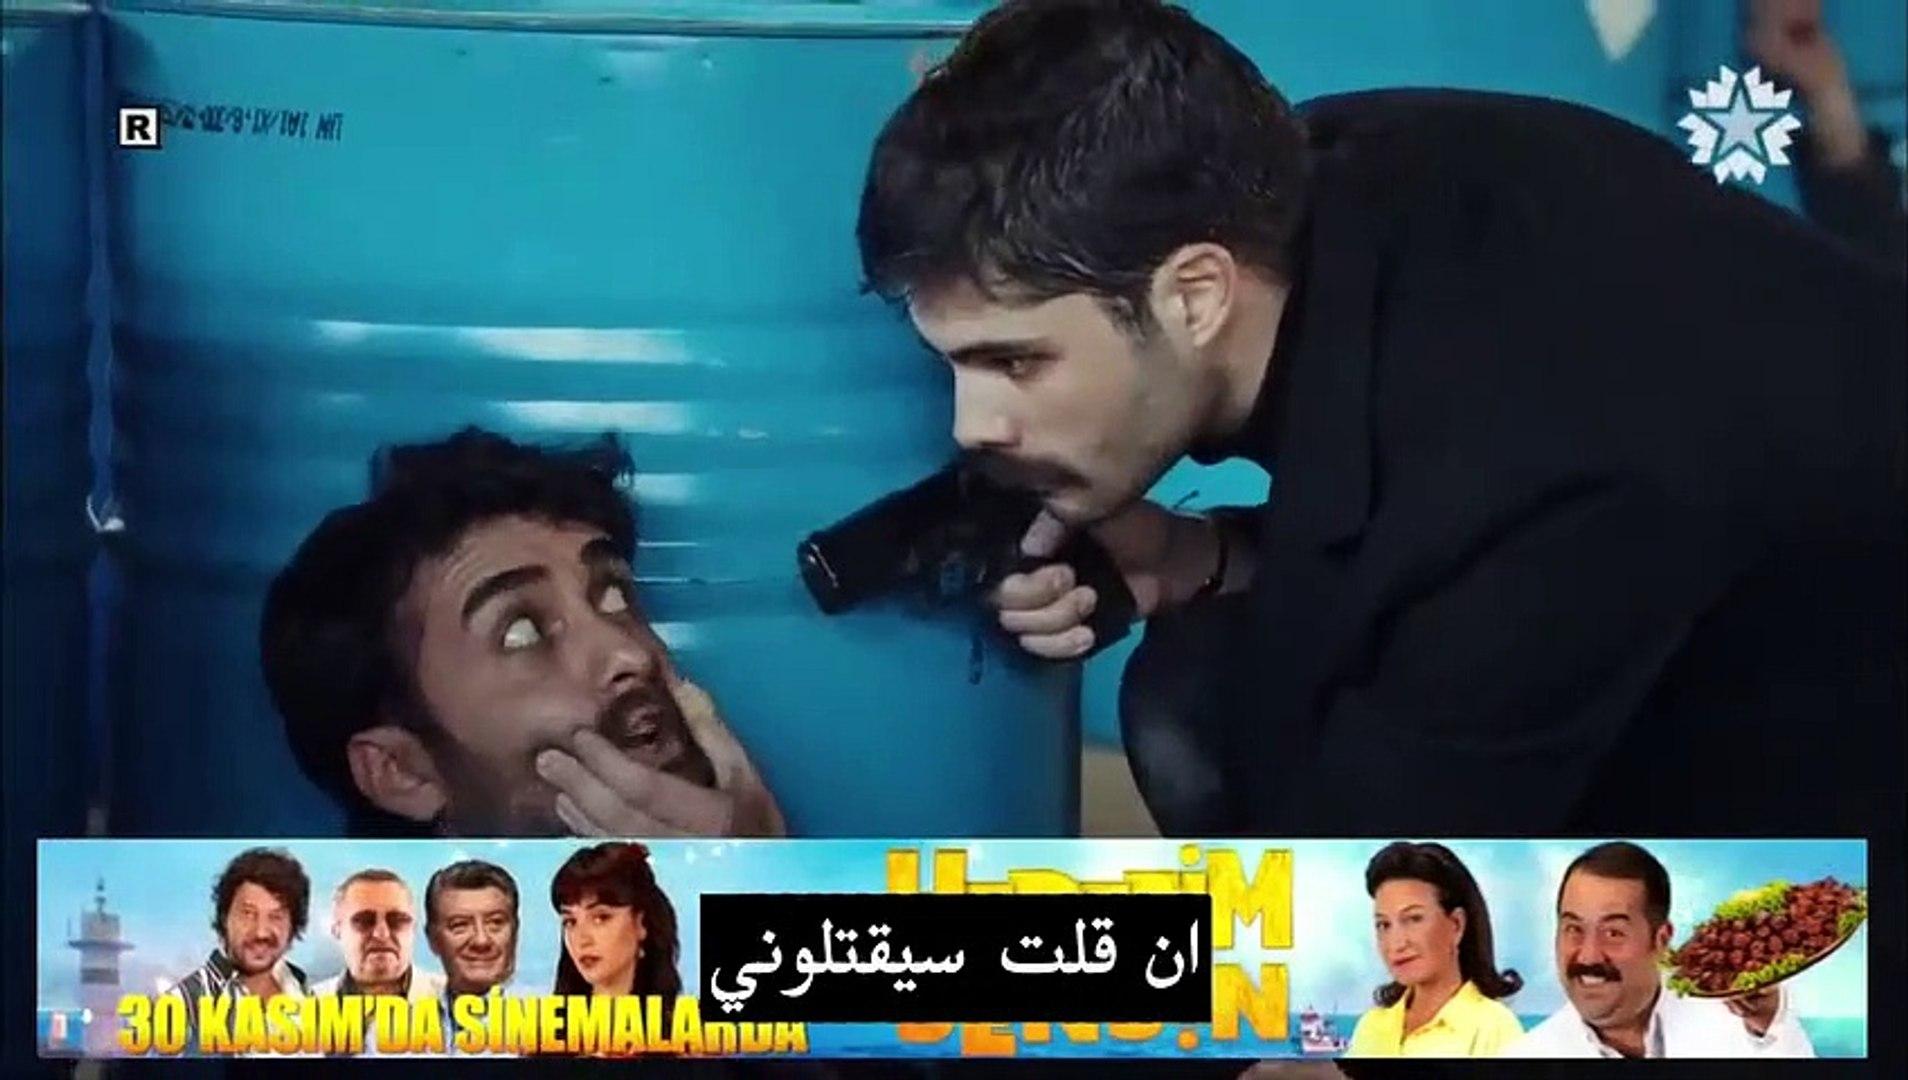 مسلسل العهد الموسم الثالث الحلقة 11 كاملة القسم 3 مترجمة للعربية